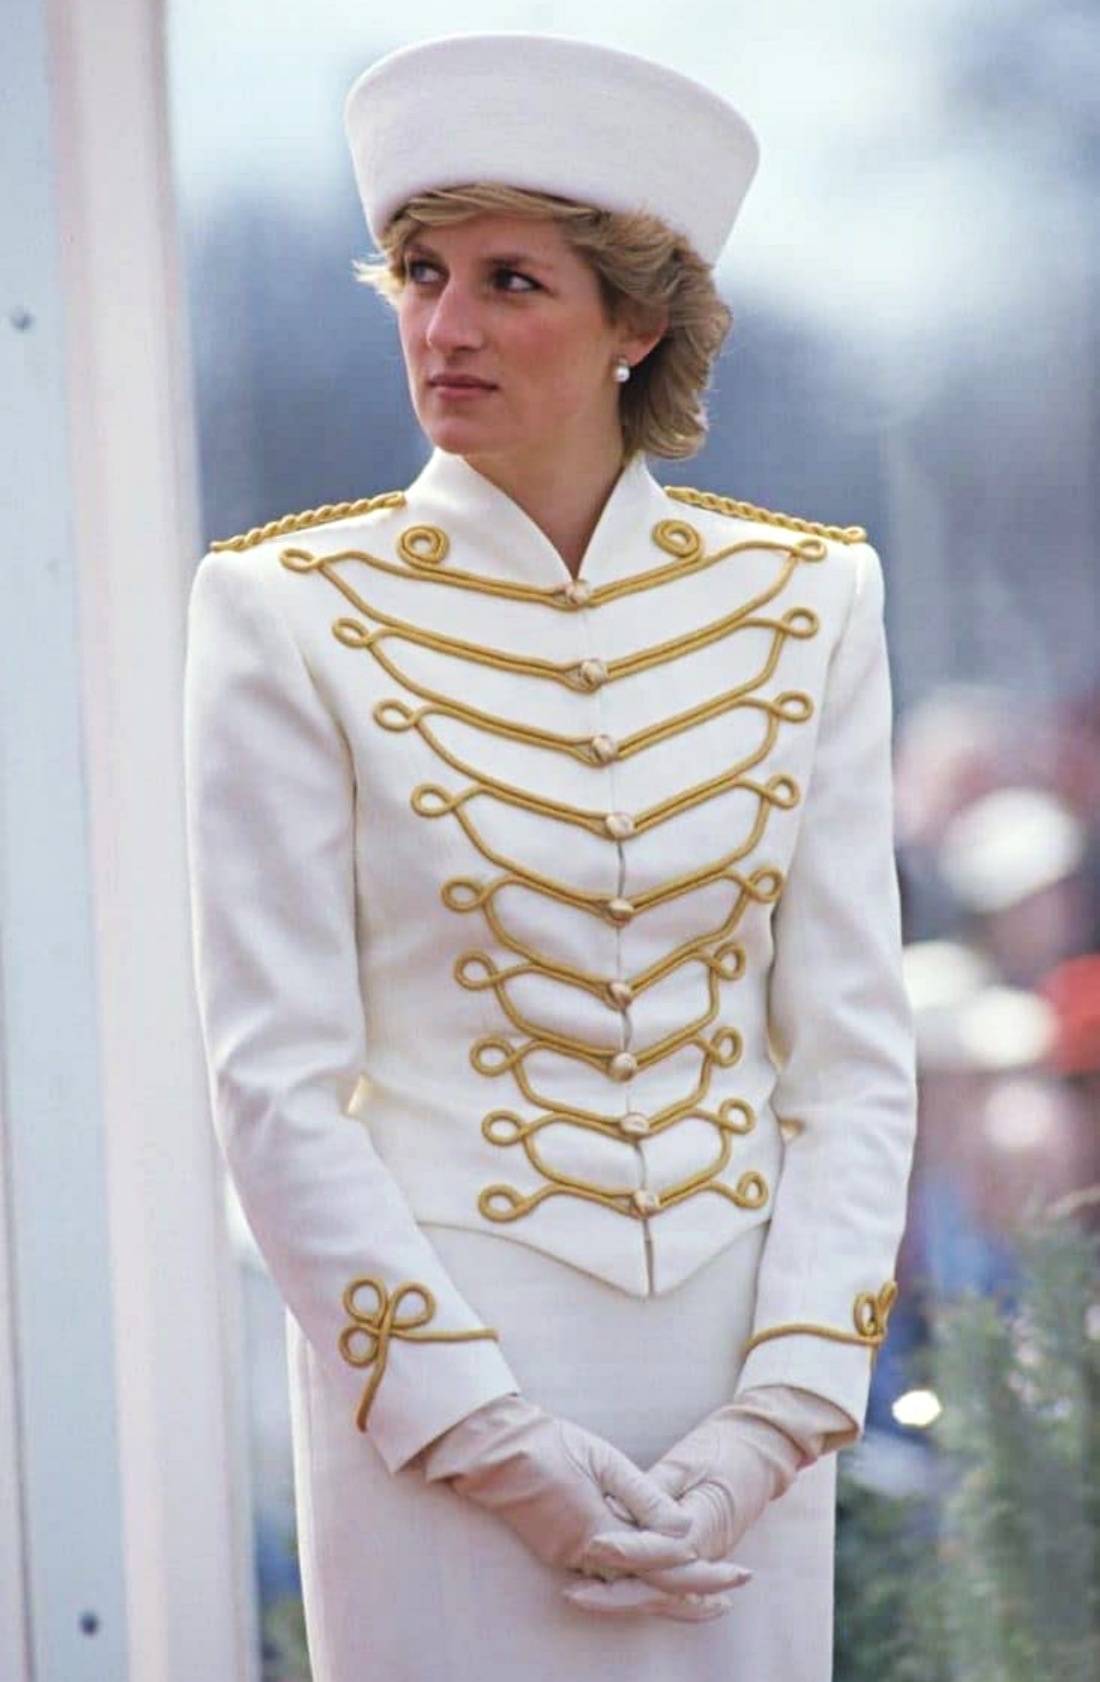 Diana de Gales estilismos